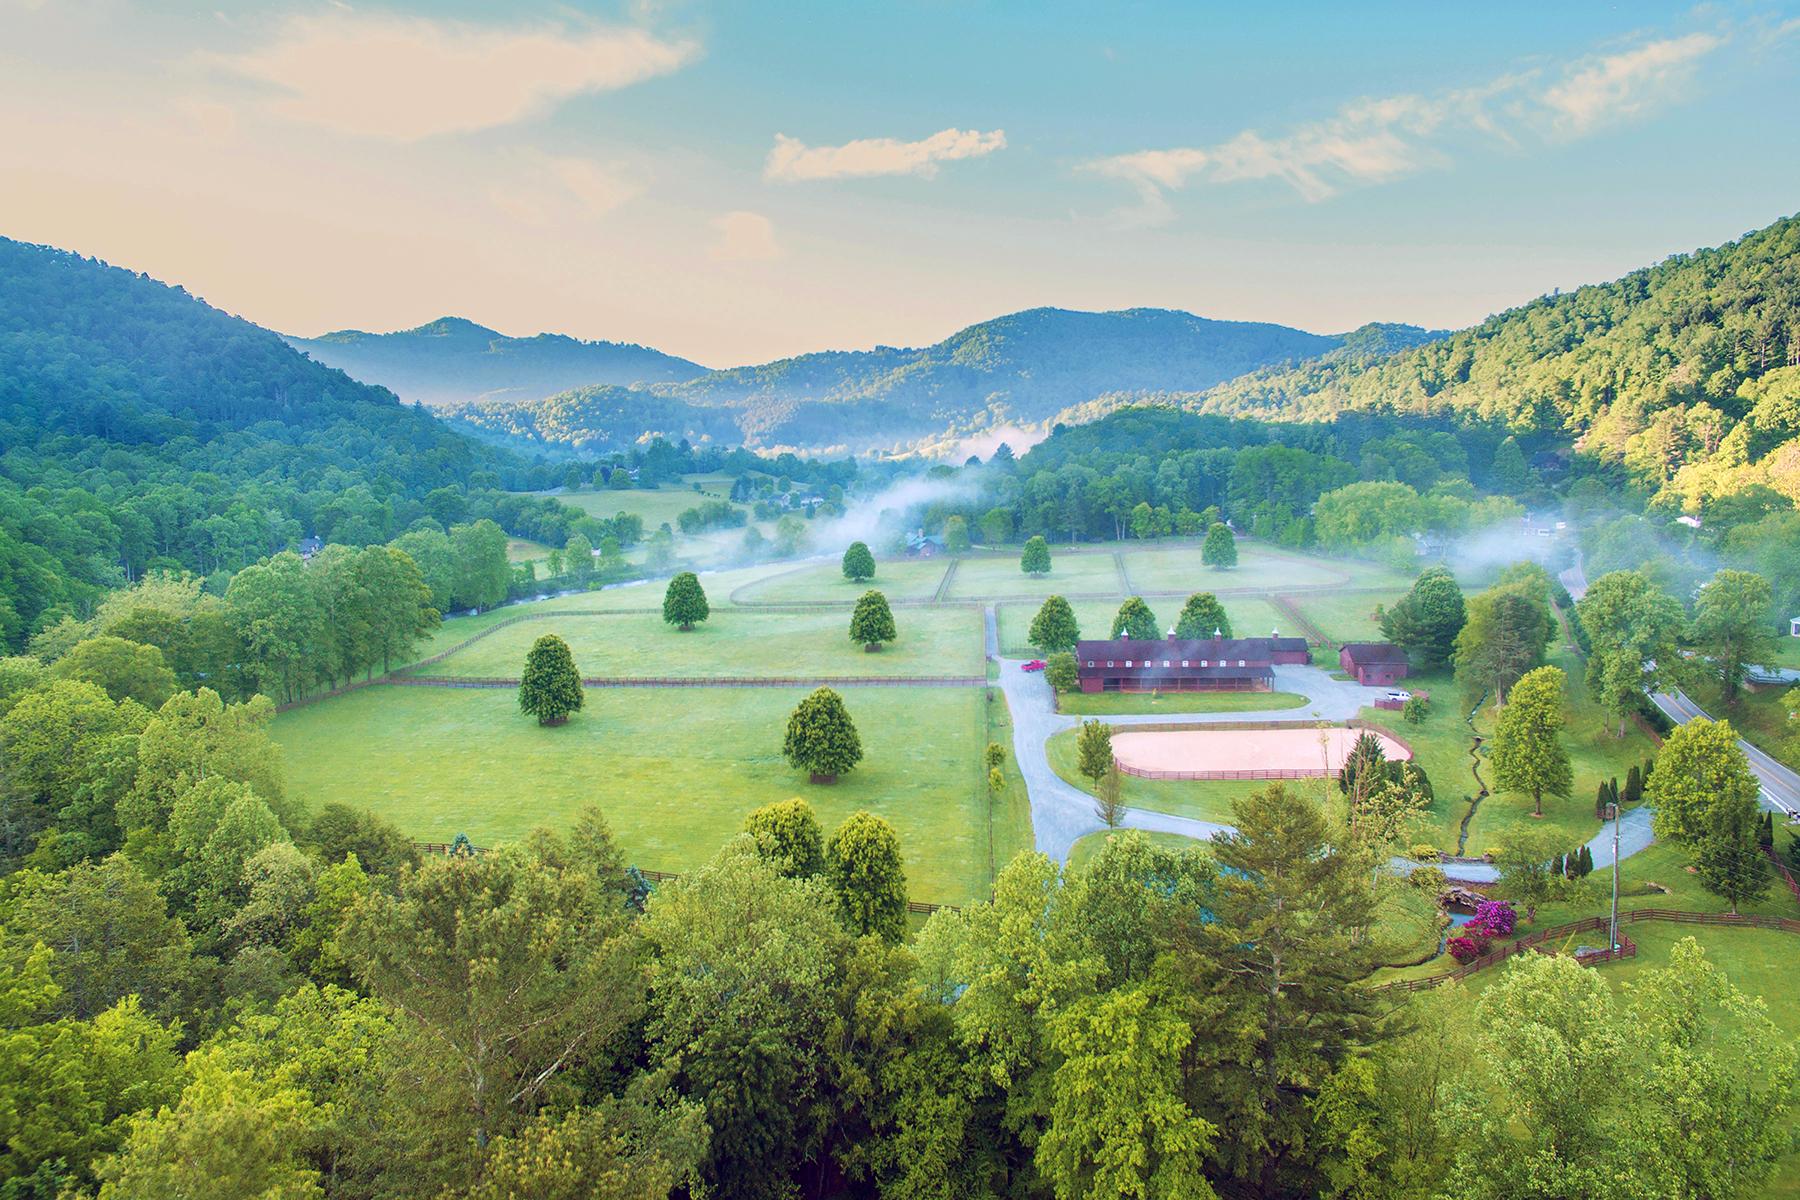 Ферма / ранчо / плантация для того Продажа на RIVER RUN FARM - VALLE CRUCIS 2128-2130 Broadstone Road Banner Elk, Северная Каролина 28604 Соединенные Штаты